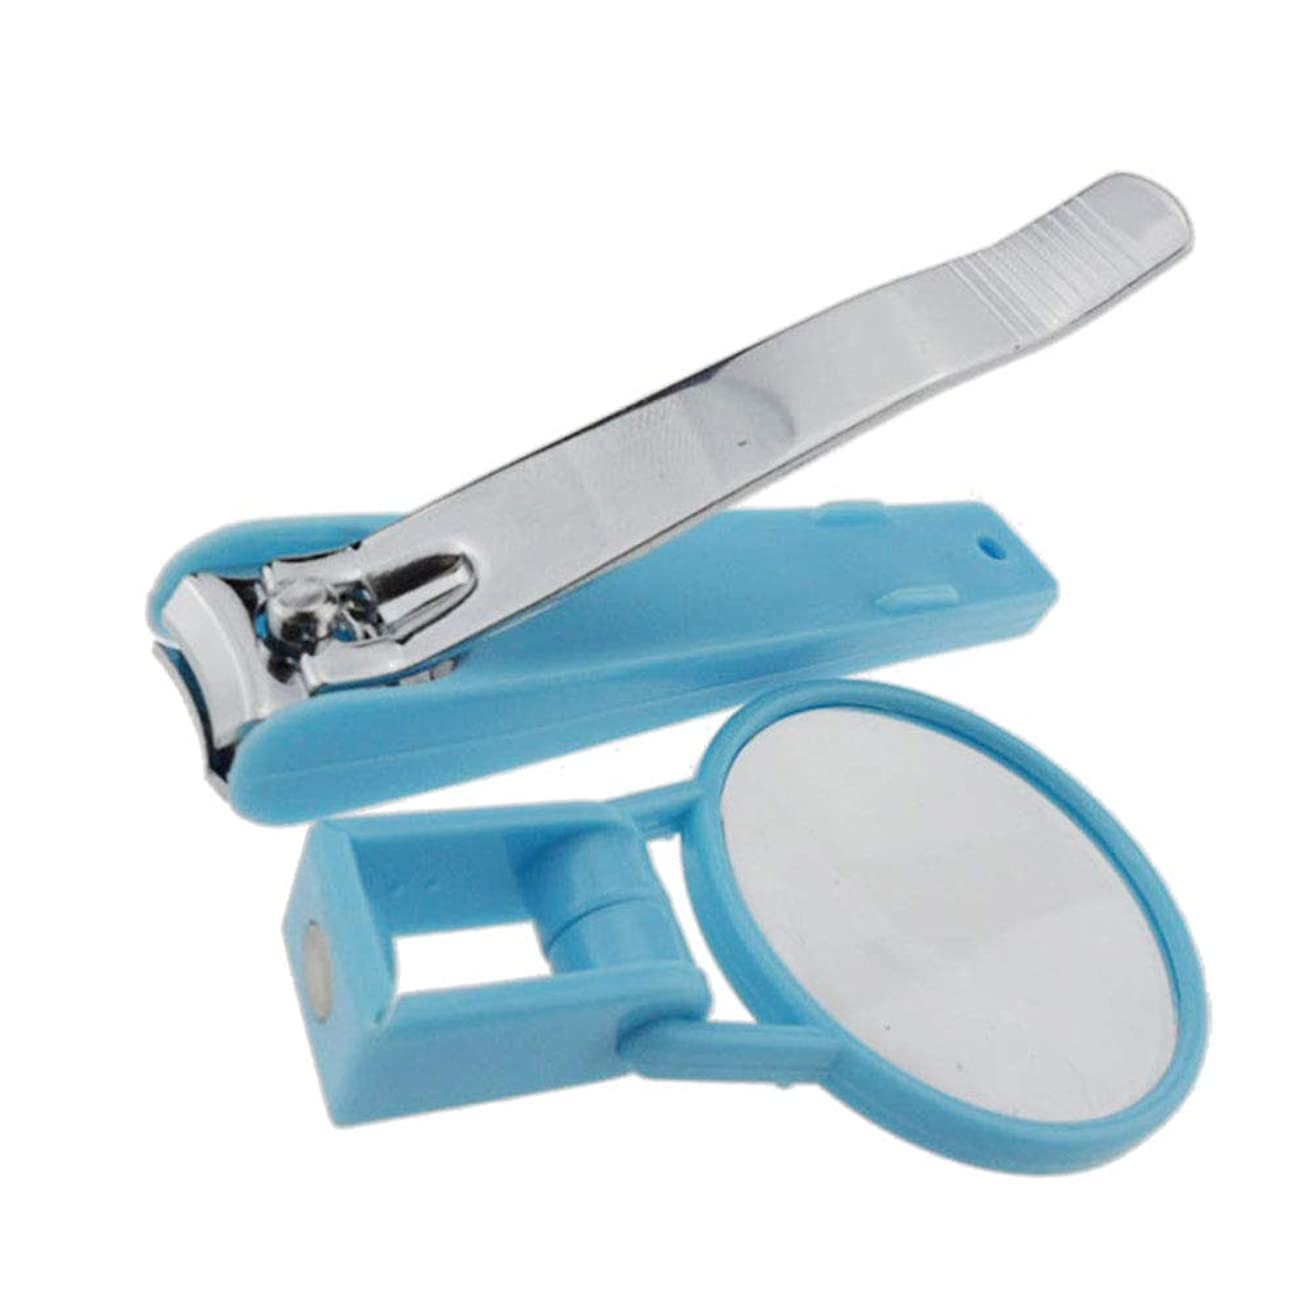 メンバーシーンデッドロックHealifty 爪切り ネイルツール スパット切れる 赤ちゃん 老人 安全なネイルケア 虫眼鏡 拡大鏡付き